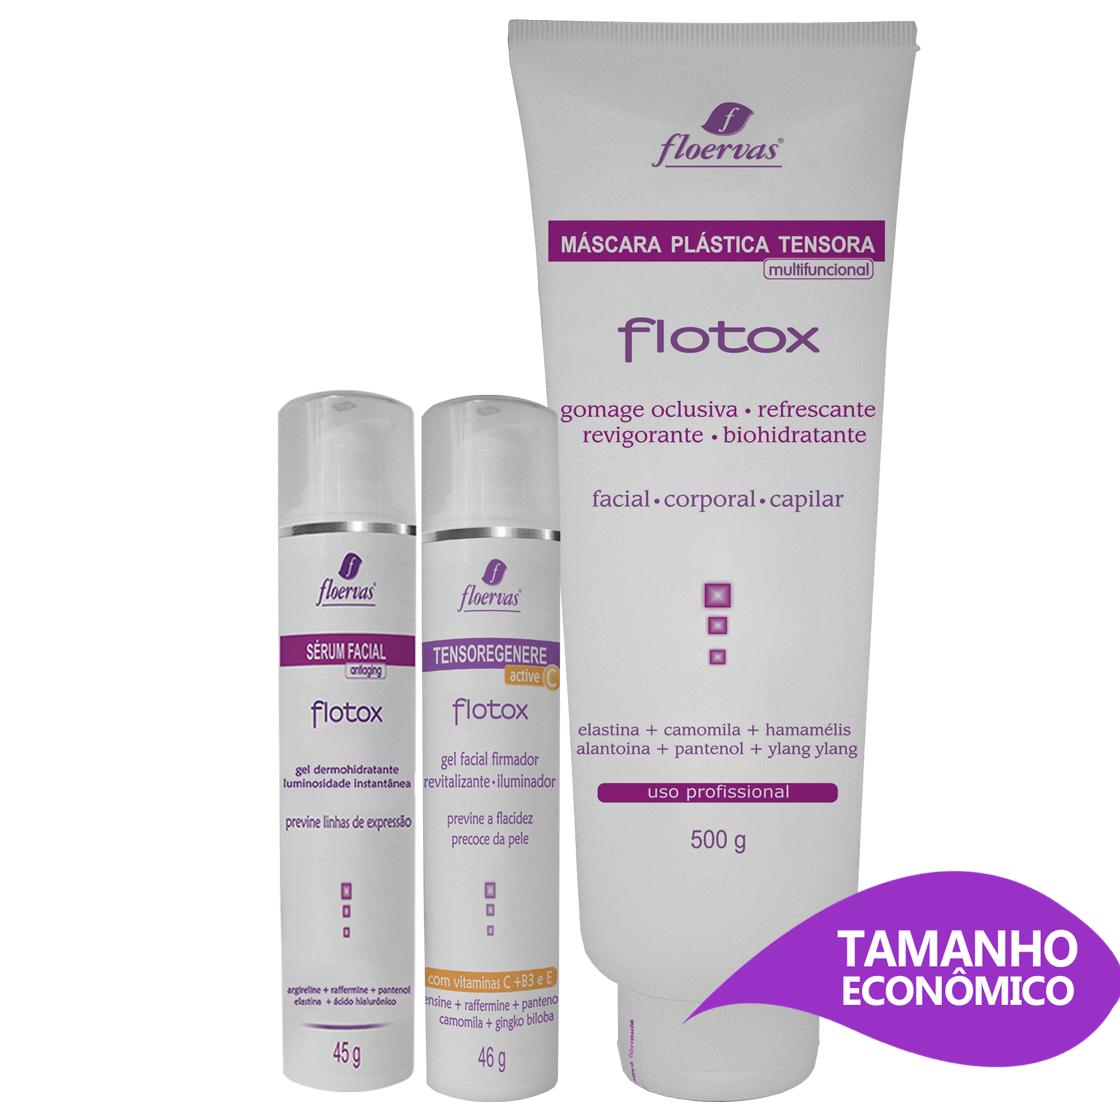 Kit Facial - Botox Cosmético - Efeito Dermorelax e Anti-aging (Econômico)